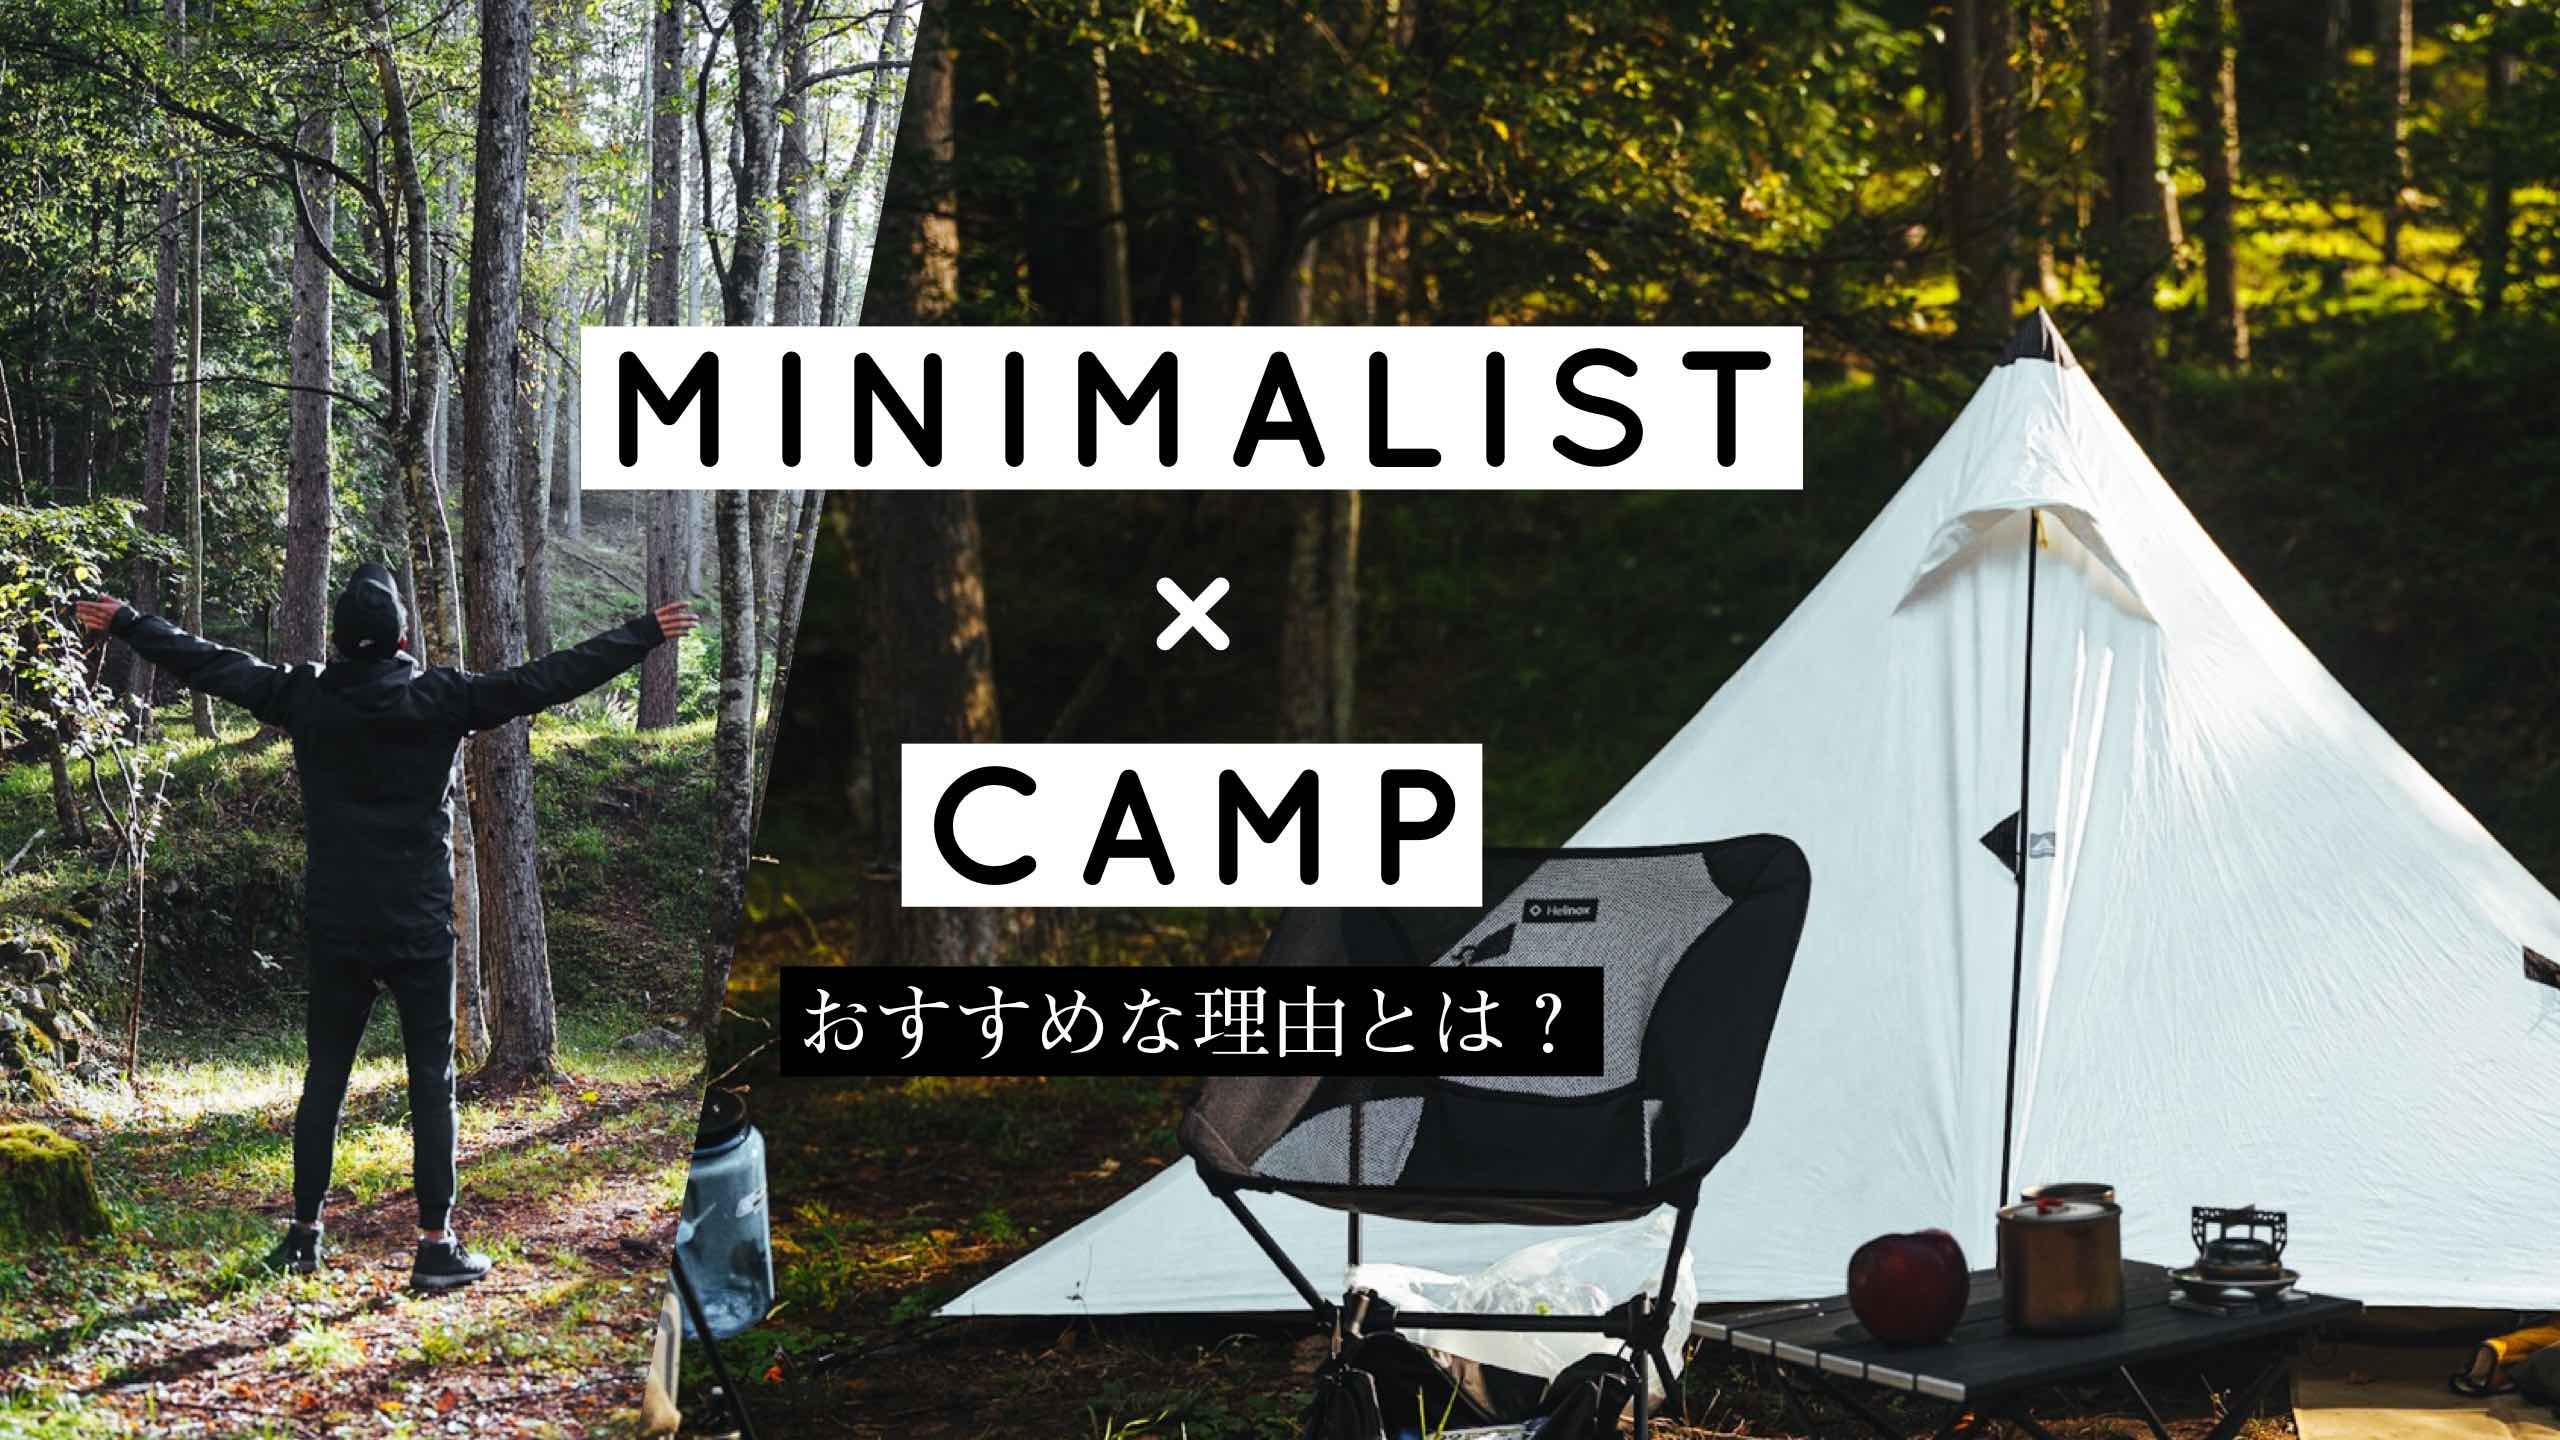 ミニマリストにキャンプを強くおすすめしたい5つの理由と選ぶべきキャンプ道具